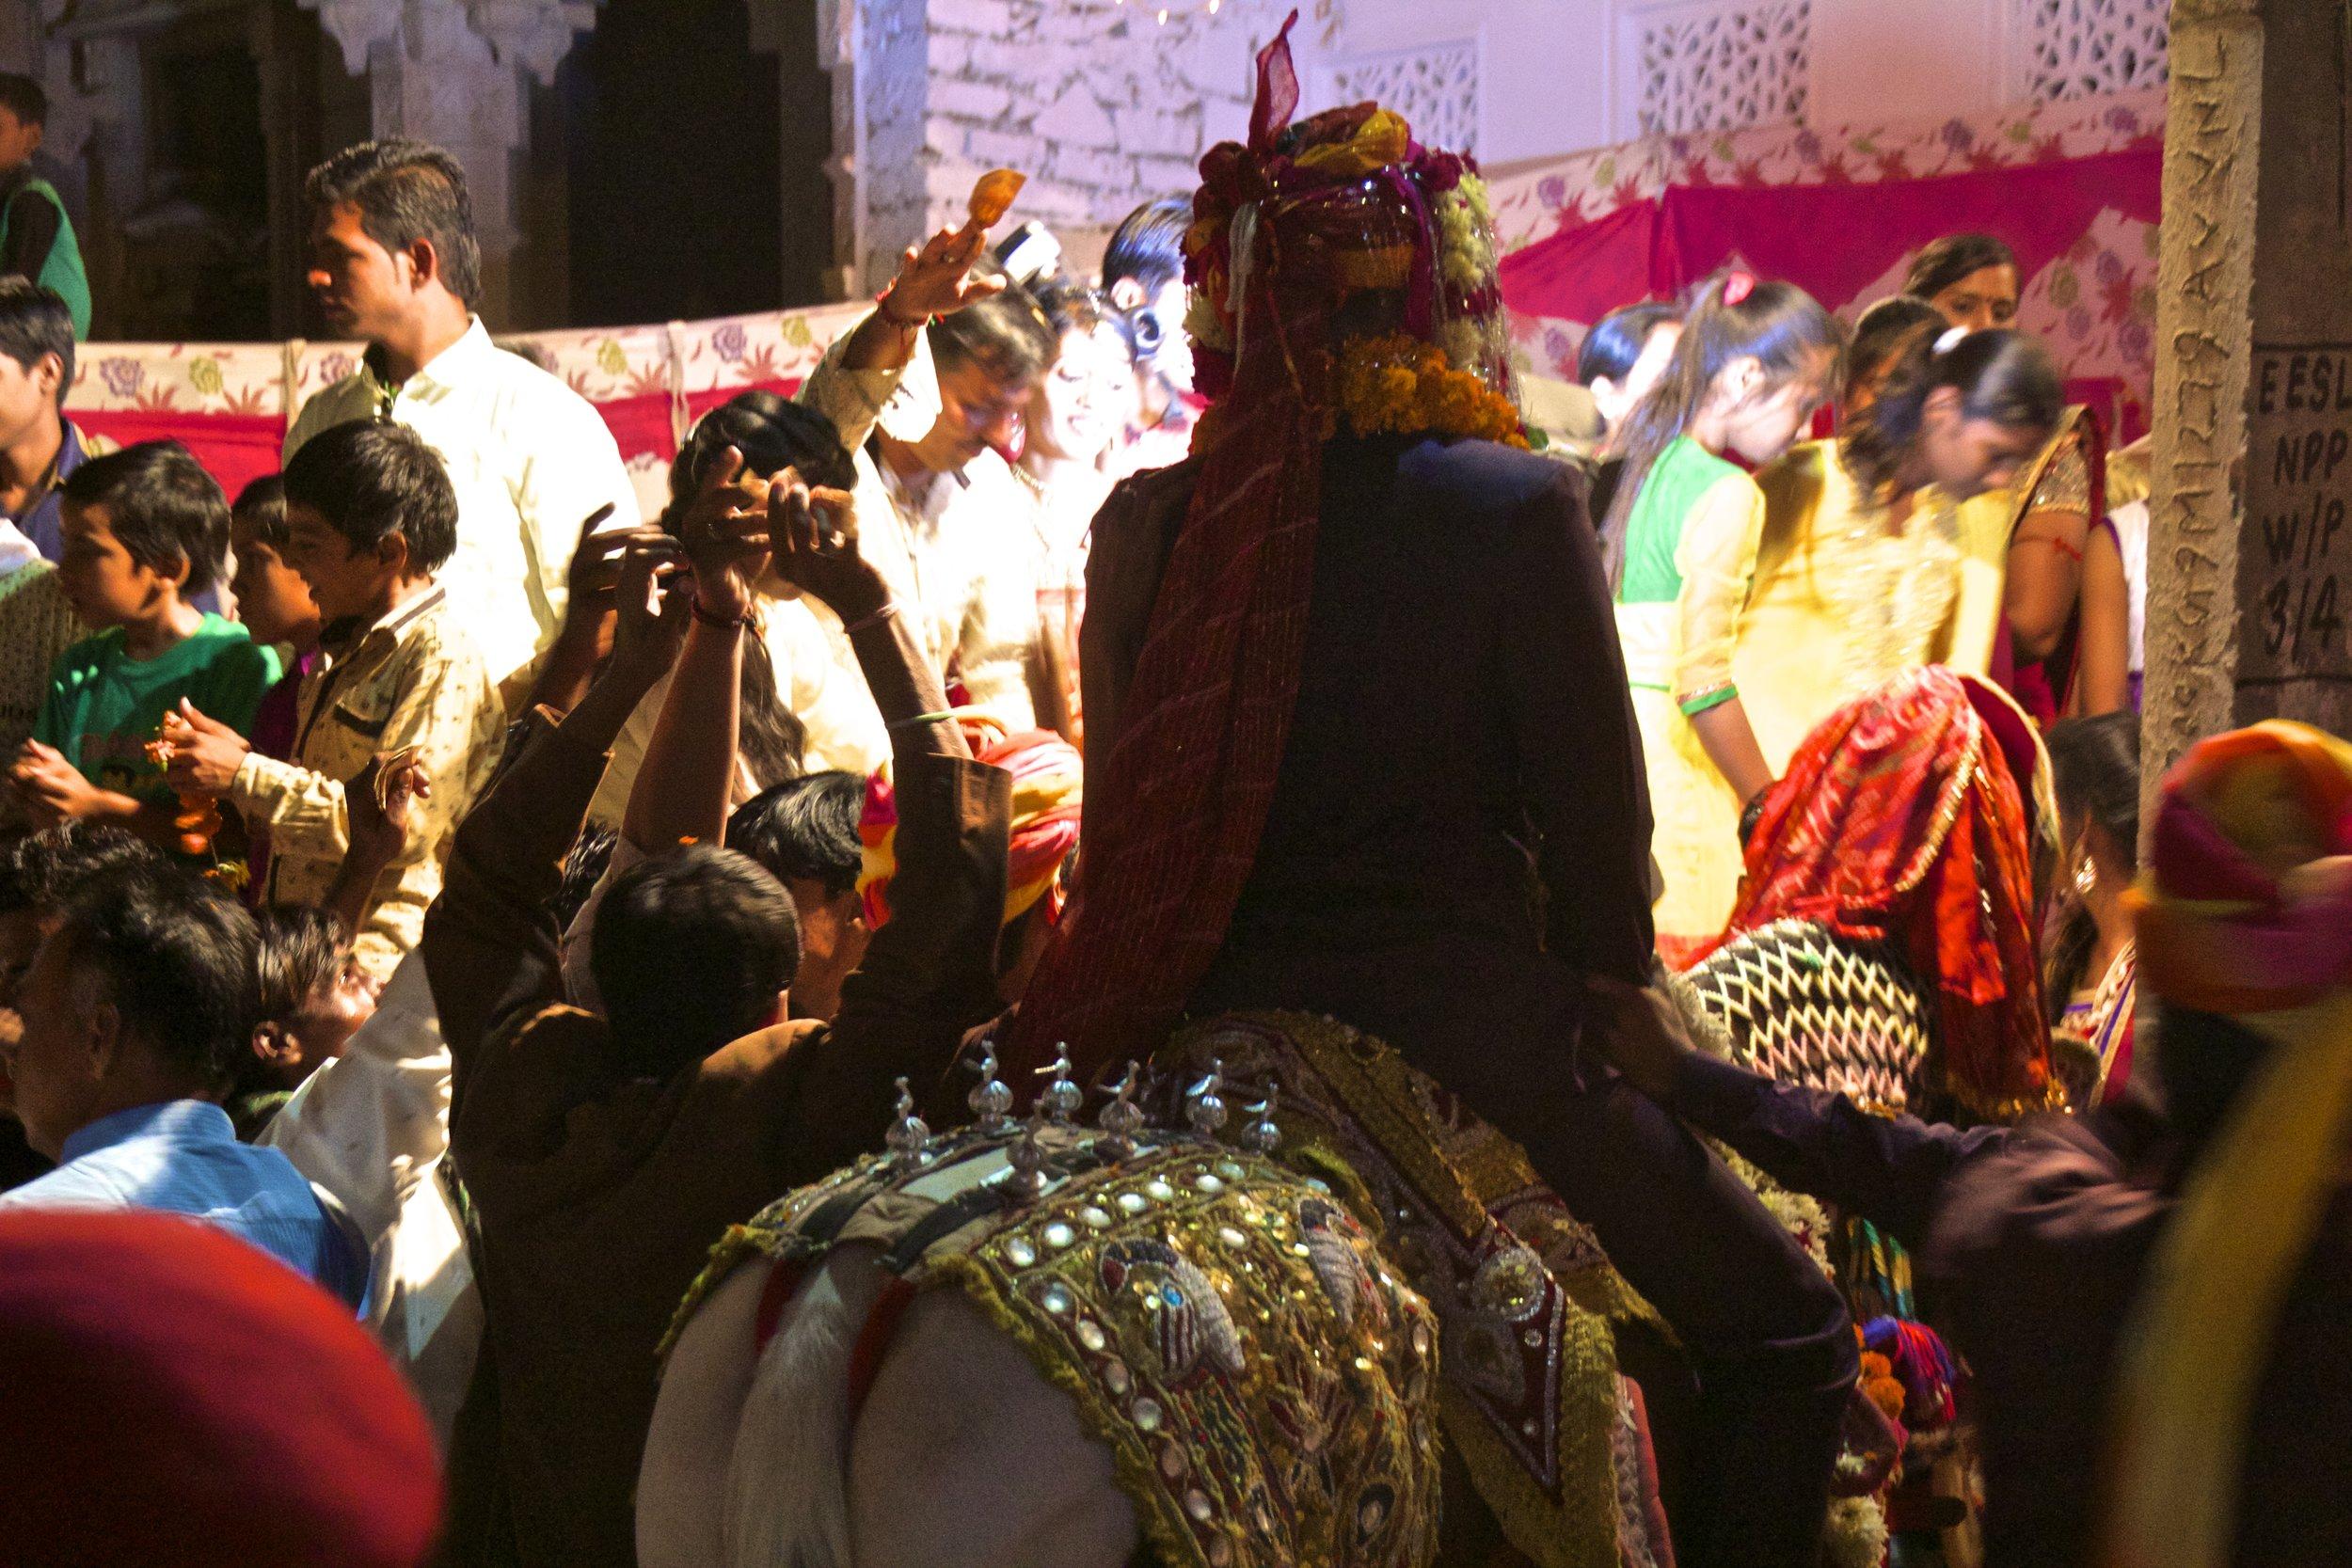 pushkar rajasthan rajasthani wedding 3.jpg